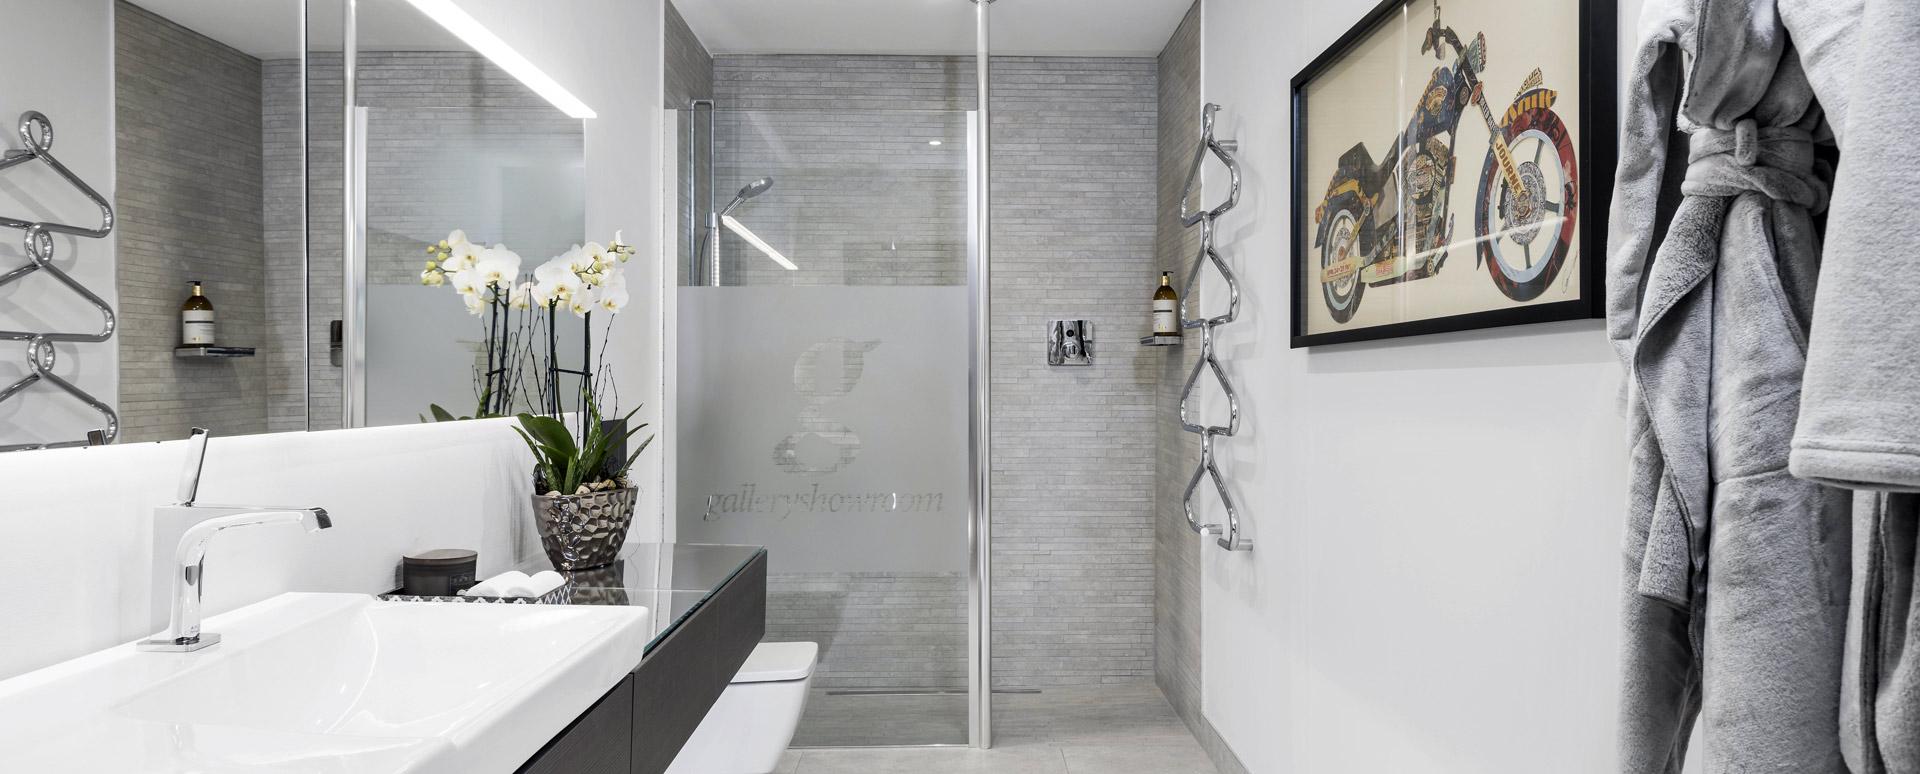 Gallery Showroom Bathroom Settings